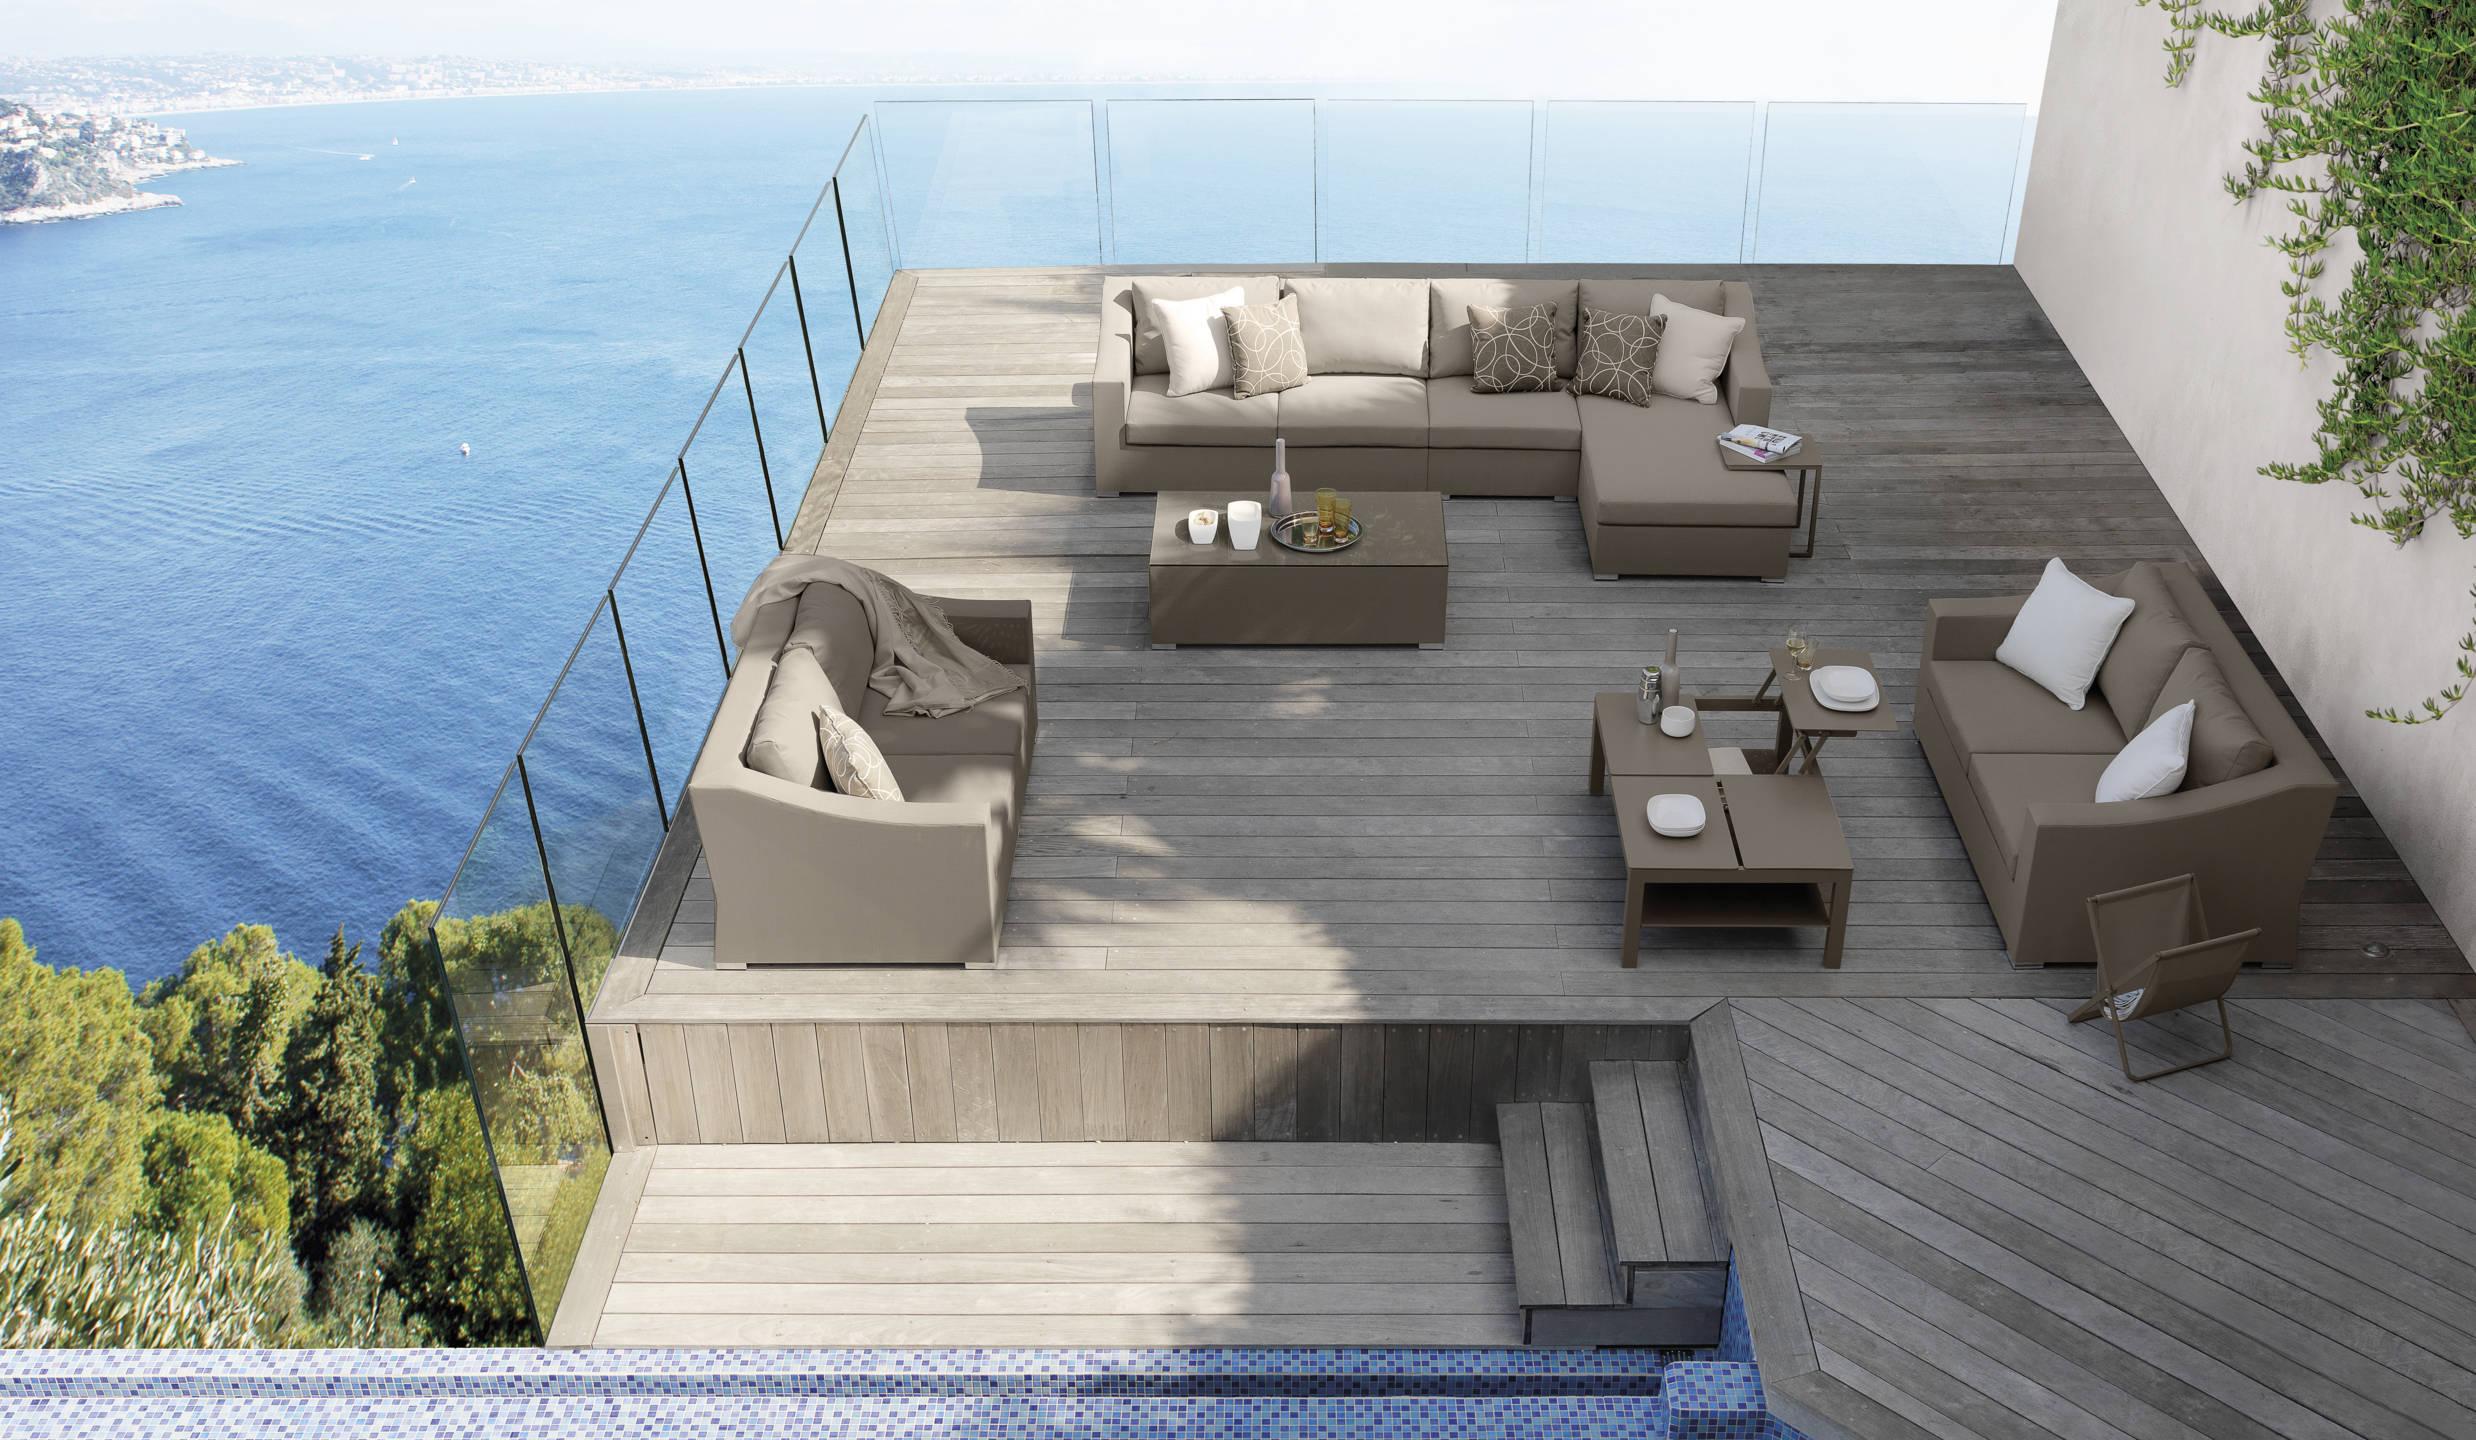 Divani Per Esterni In Plastica : Vivereverde angolo chiccollection divani per esterno in